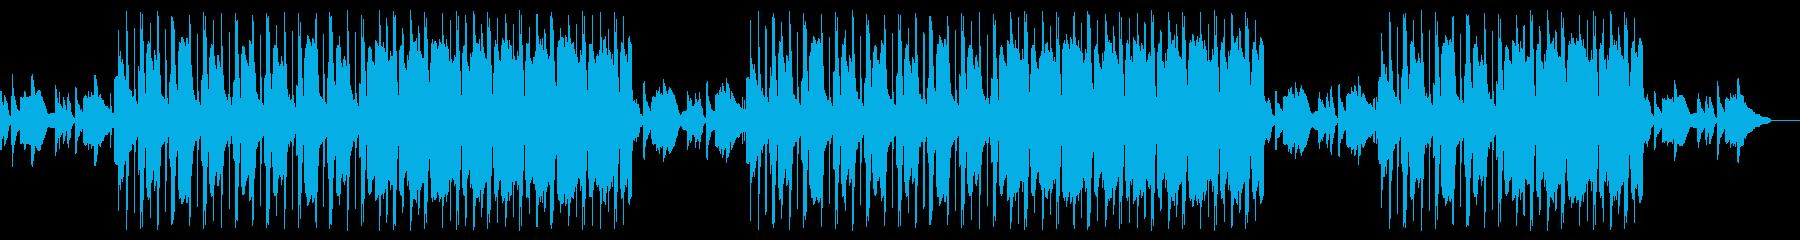 R&B/ちょっと切ないの再生済みの波形